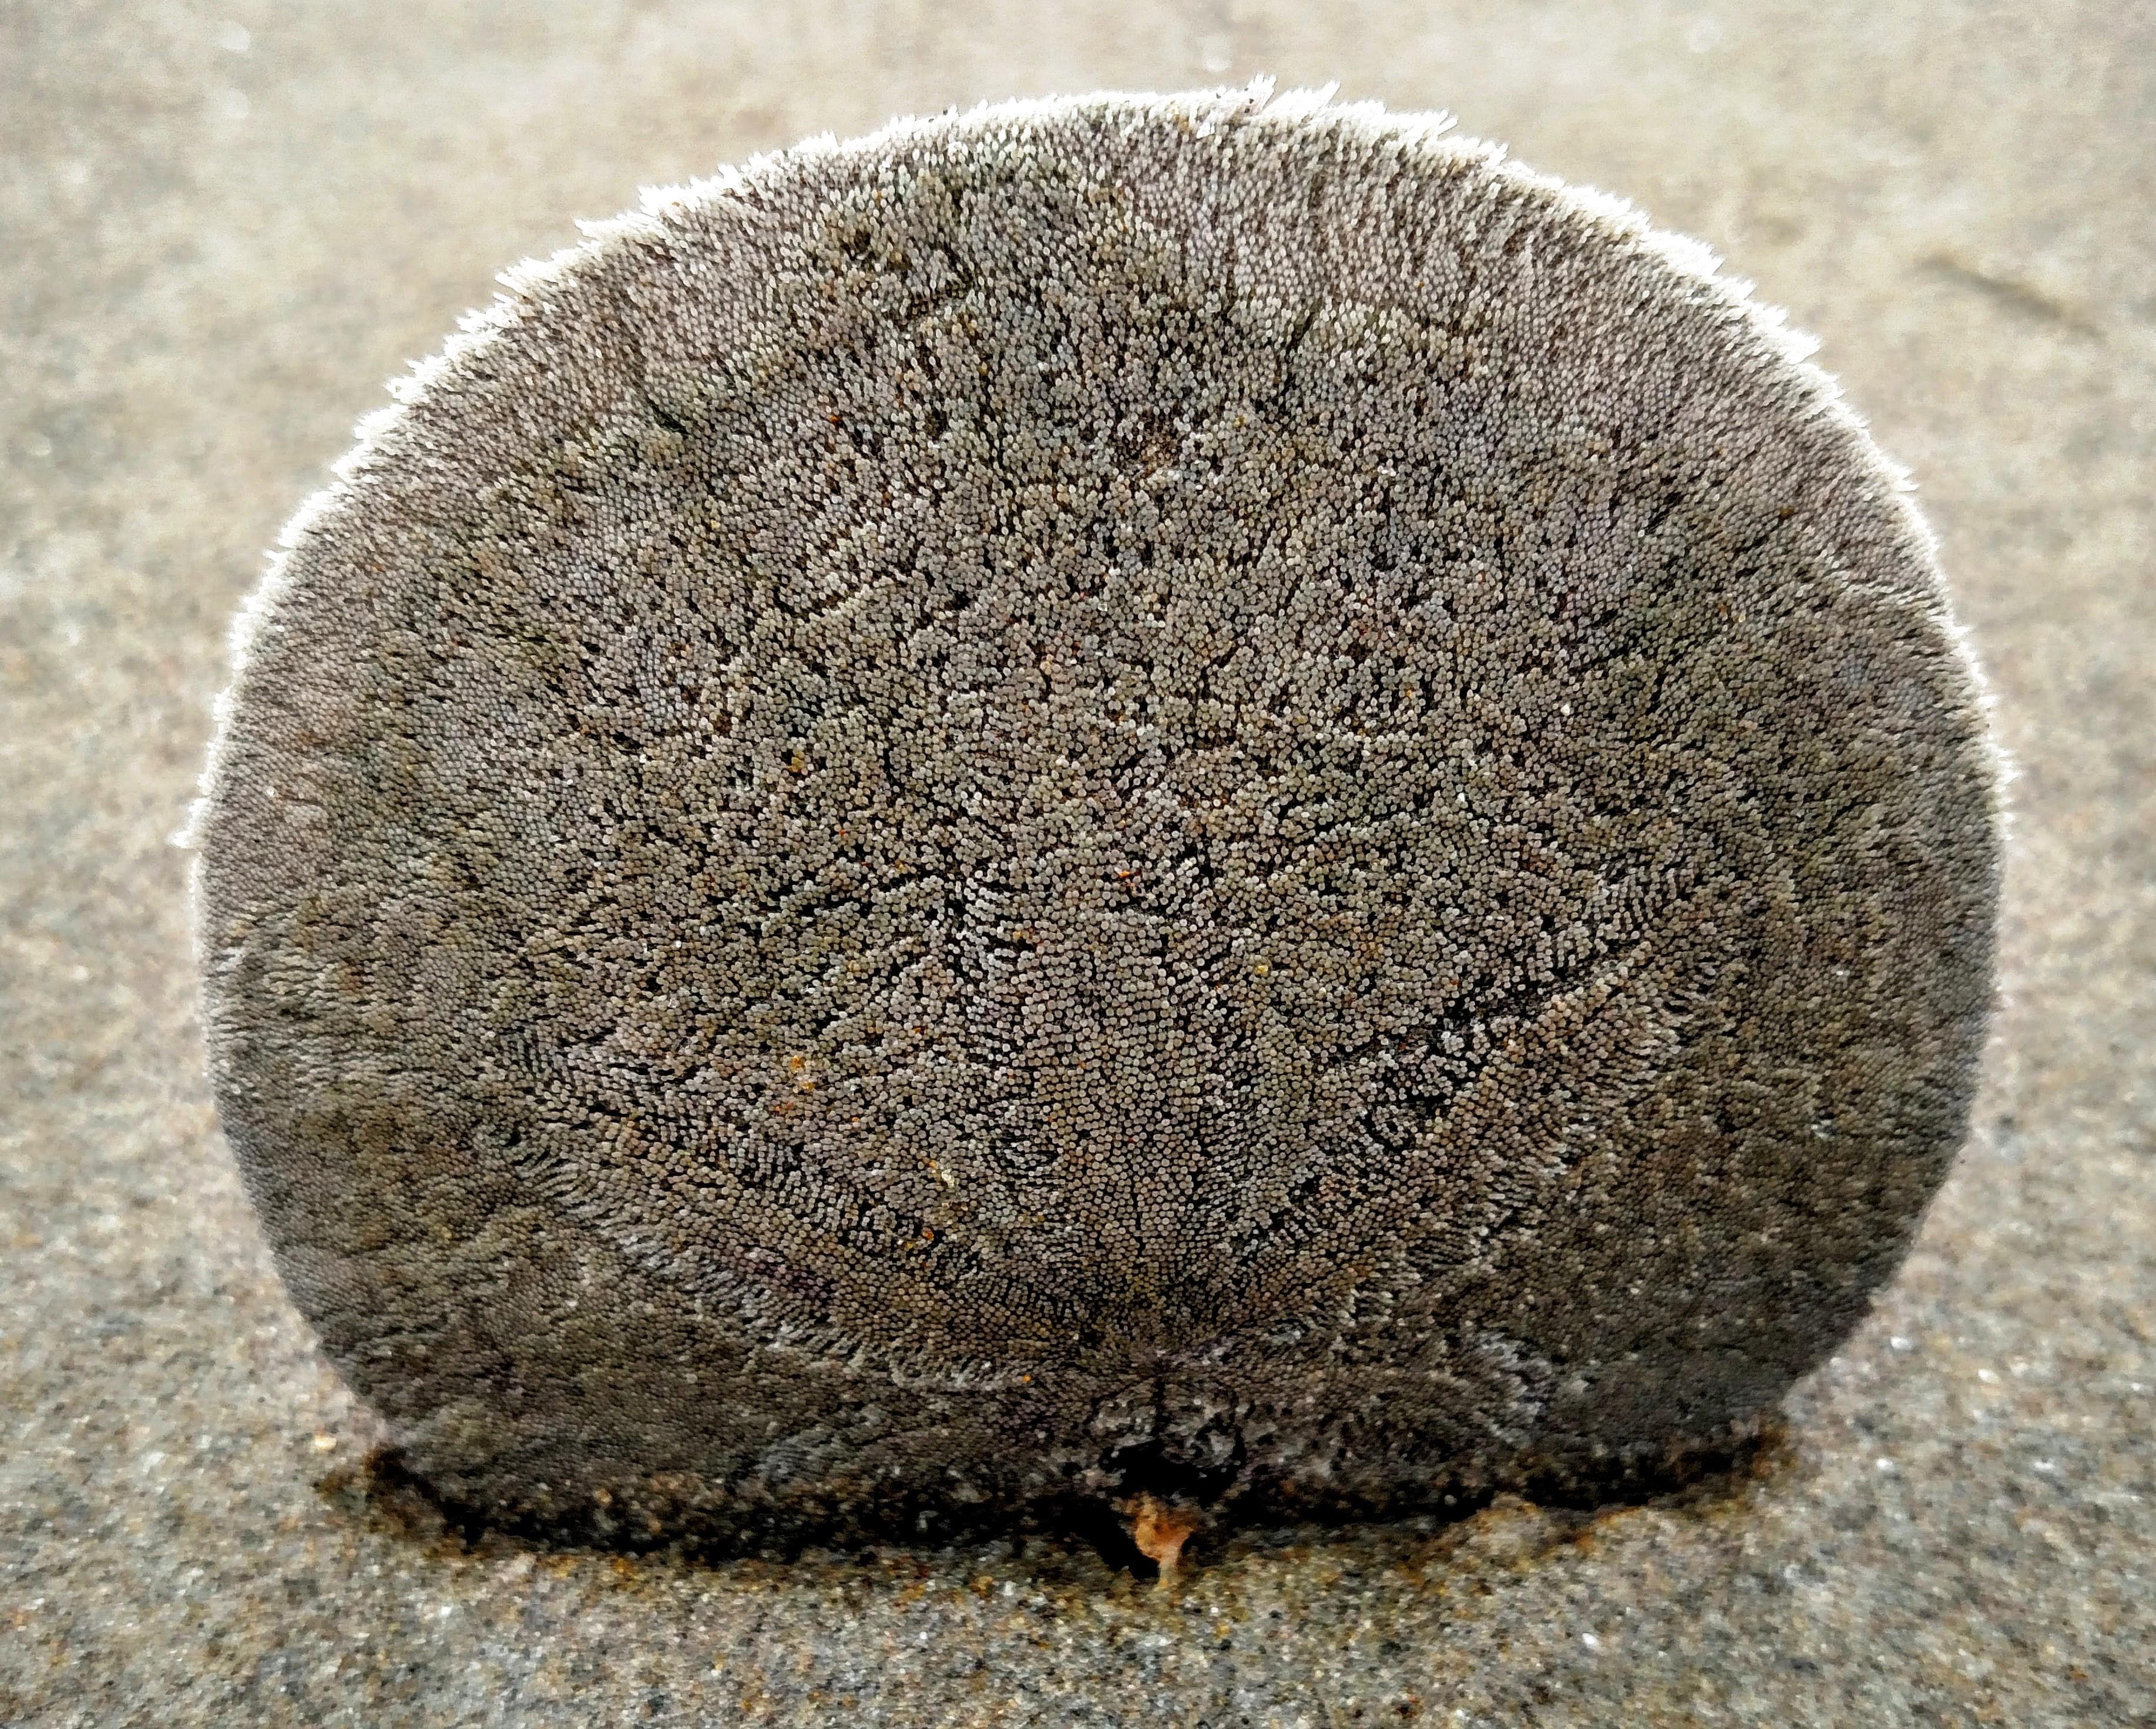 Eccentric Sand Dollar